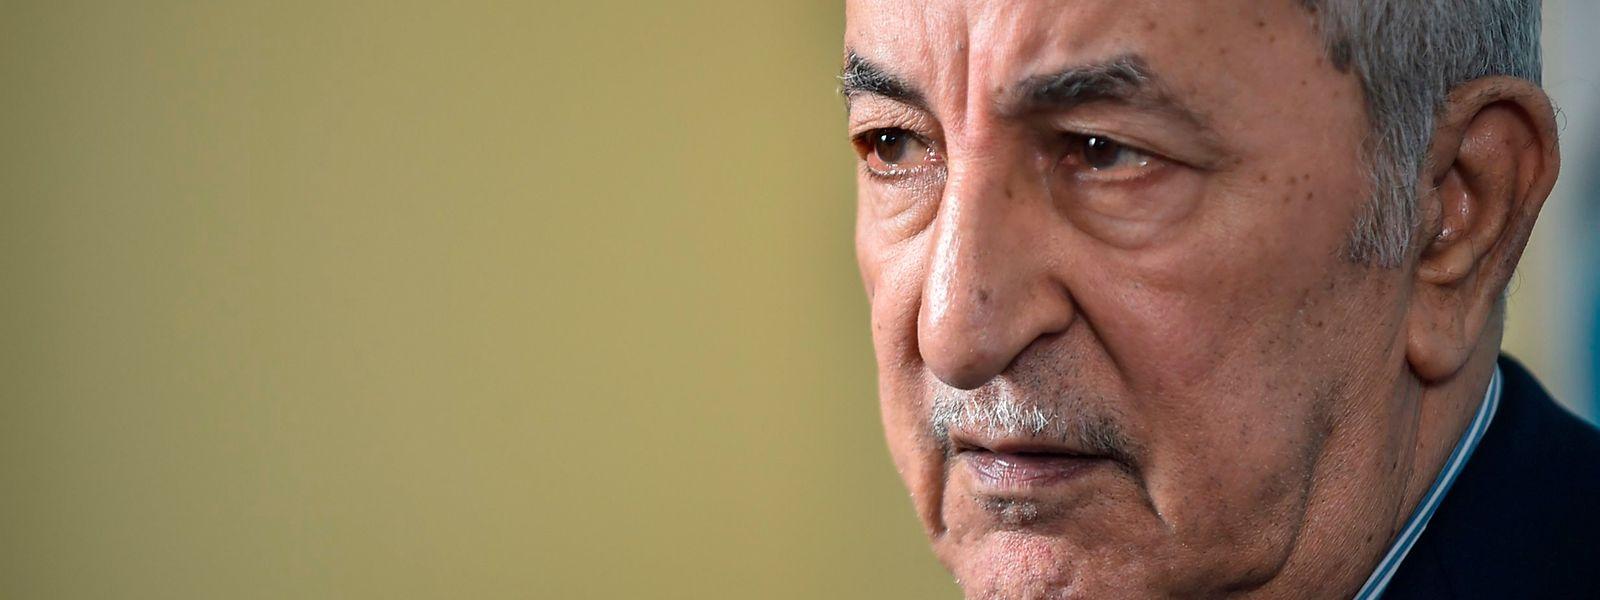 Präsident Abdelmadjid Tebboune hatte das noch unter Bouteflika gewählte Parlament im Februar nach Massenprotesten aufgelöst.